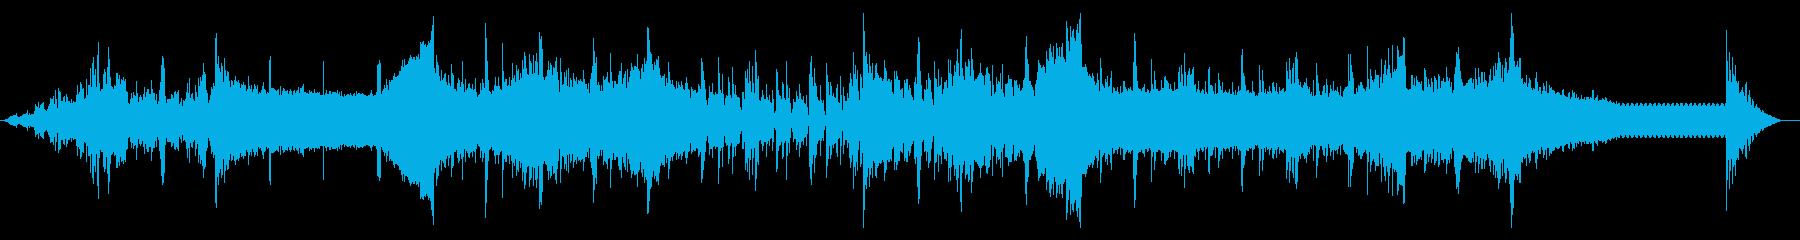 デジタルビープなテクスチャIDMの再生済みの波形